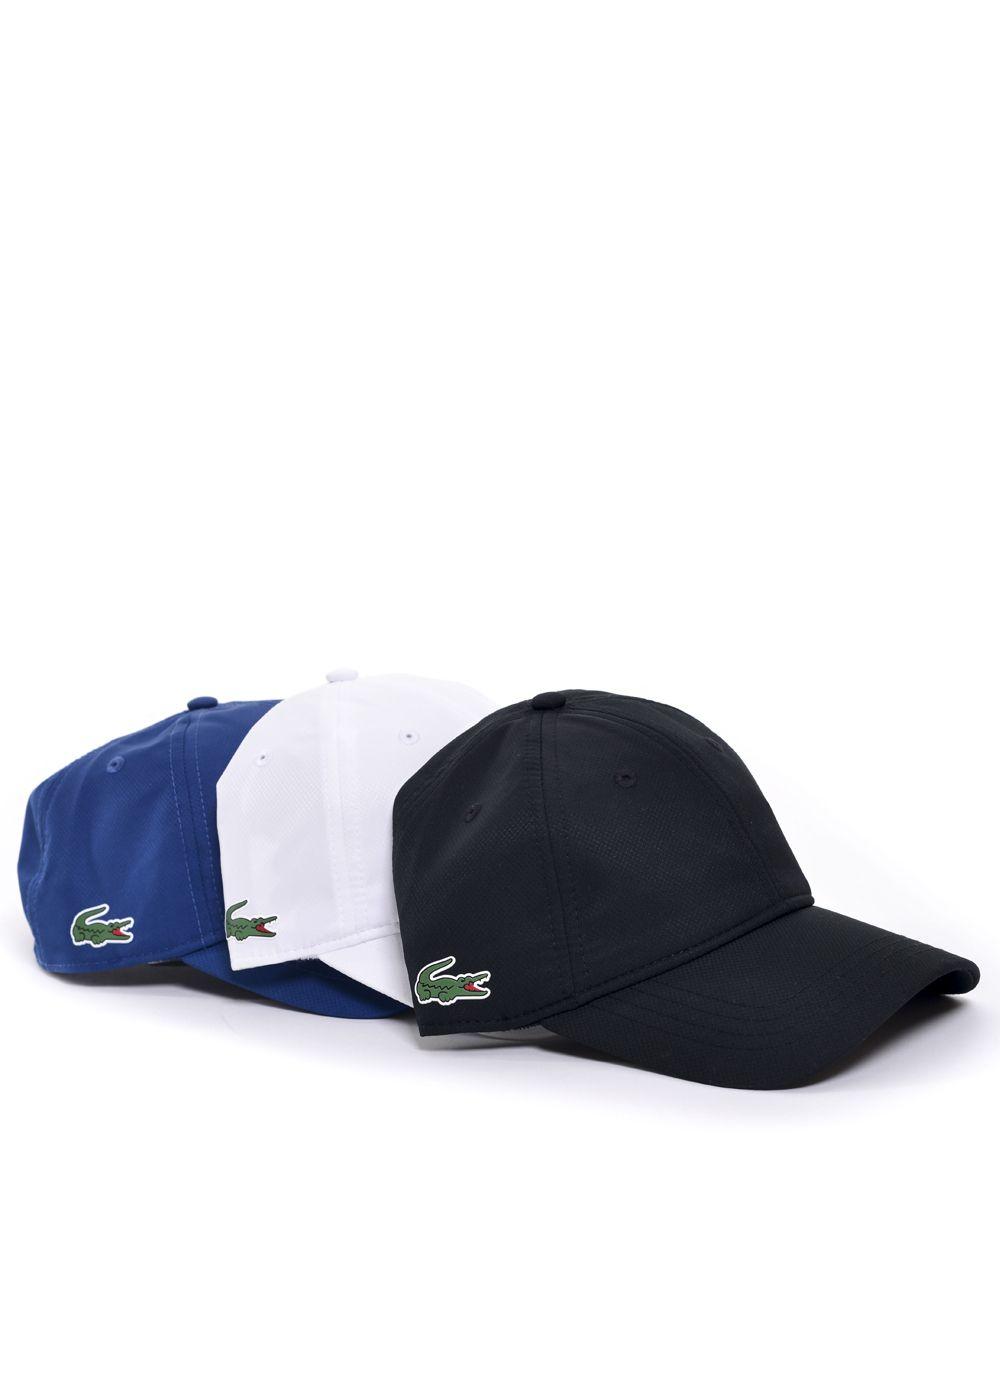 0a516d2992 Lacoste cap casquette bleu noir blanc blue black white men women femme homme–  Taylor